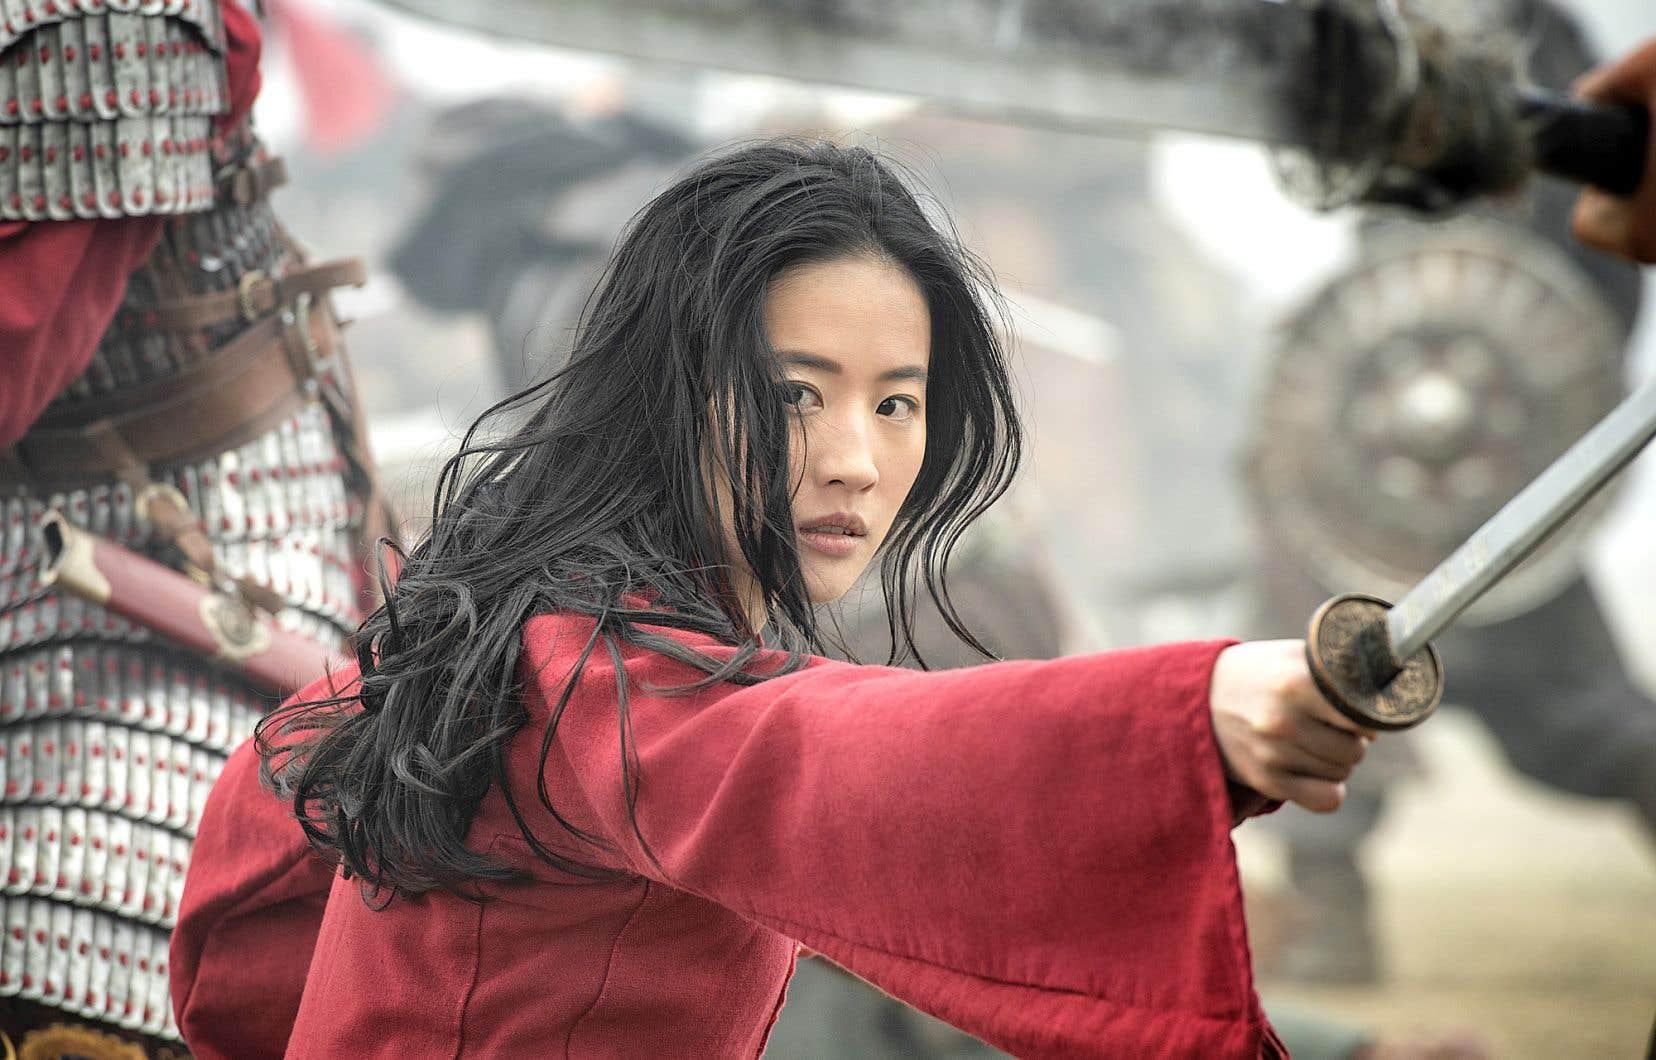 Tout du long, le scénario de «Mulan» s'astreint à un travail d'équilibriste afin de plaire à tout le monde sans déplaire à quiconque.